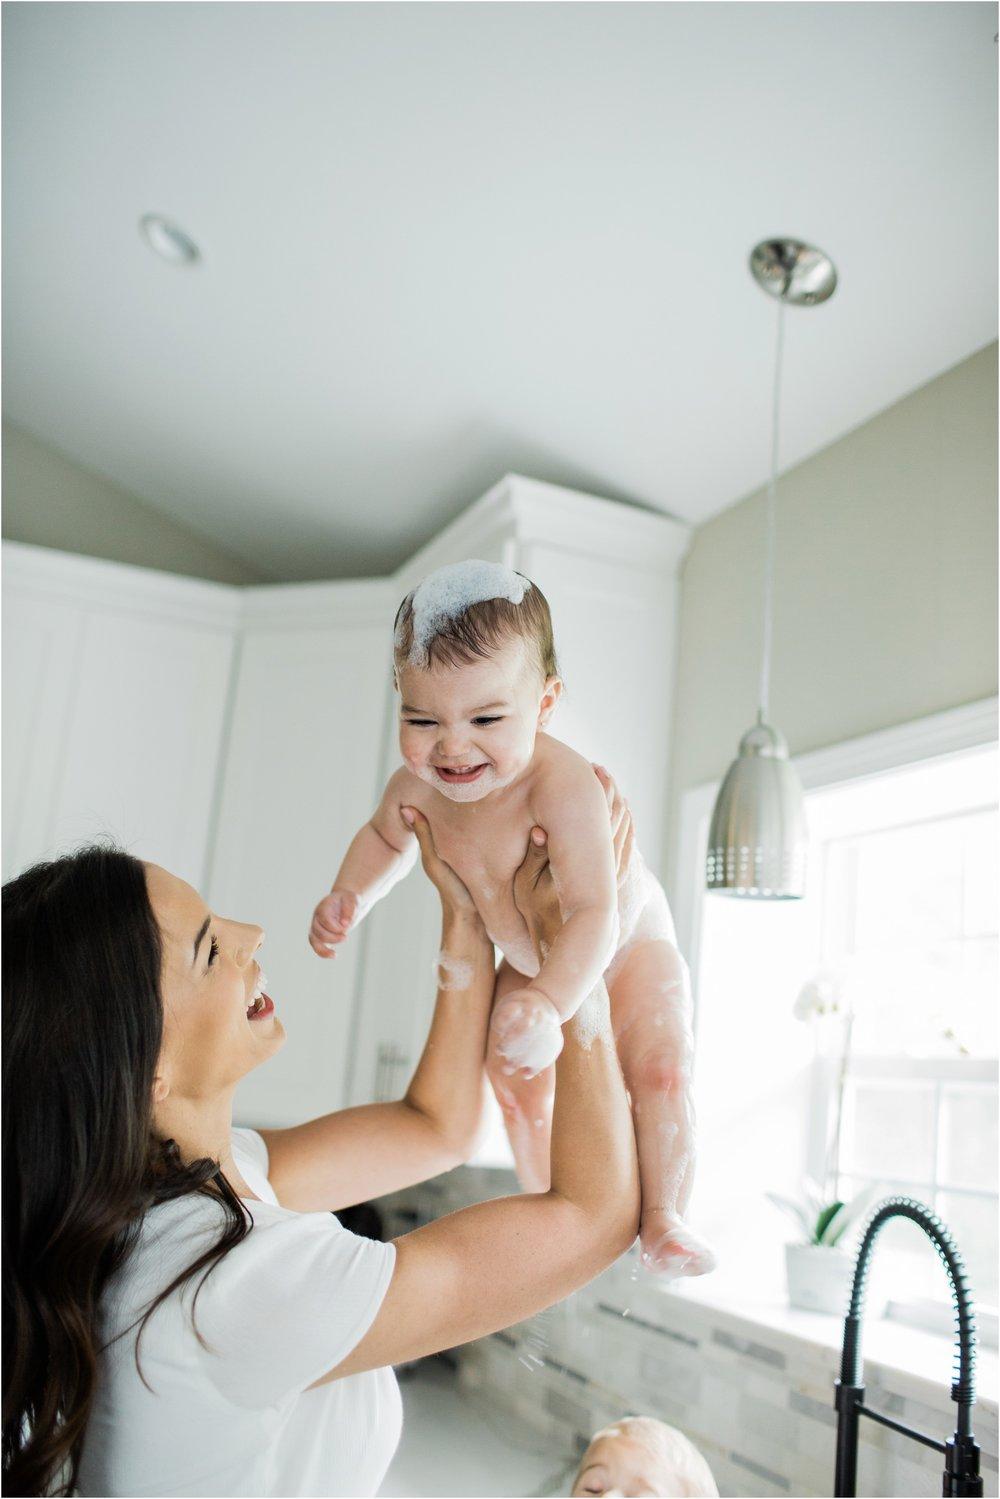 st louis photography_maternity_lauren muckler photography_film_st louis film photographer_0789.jpg